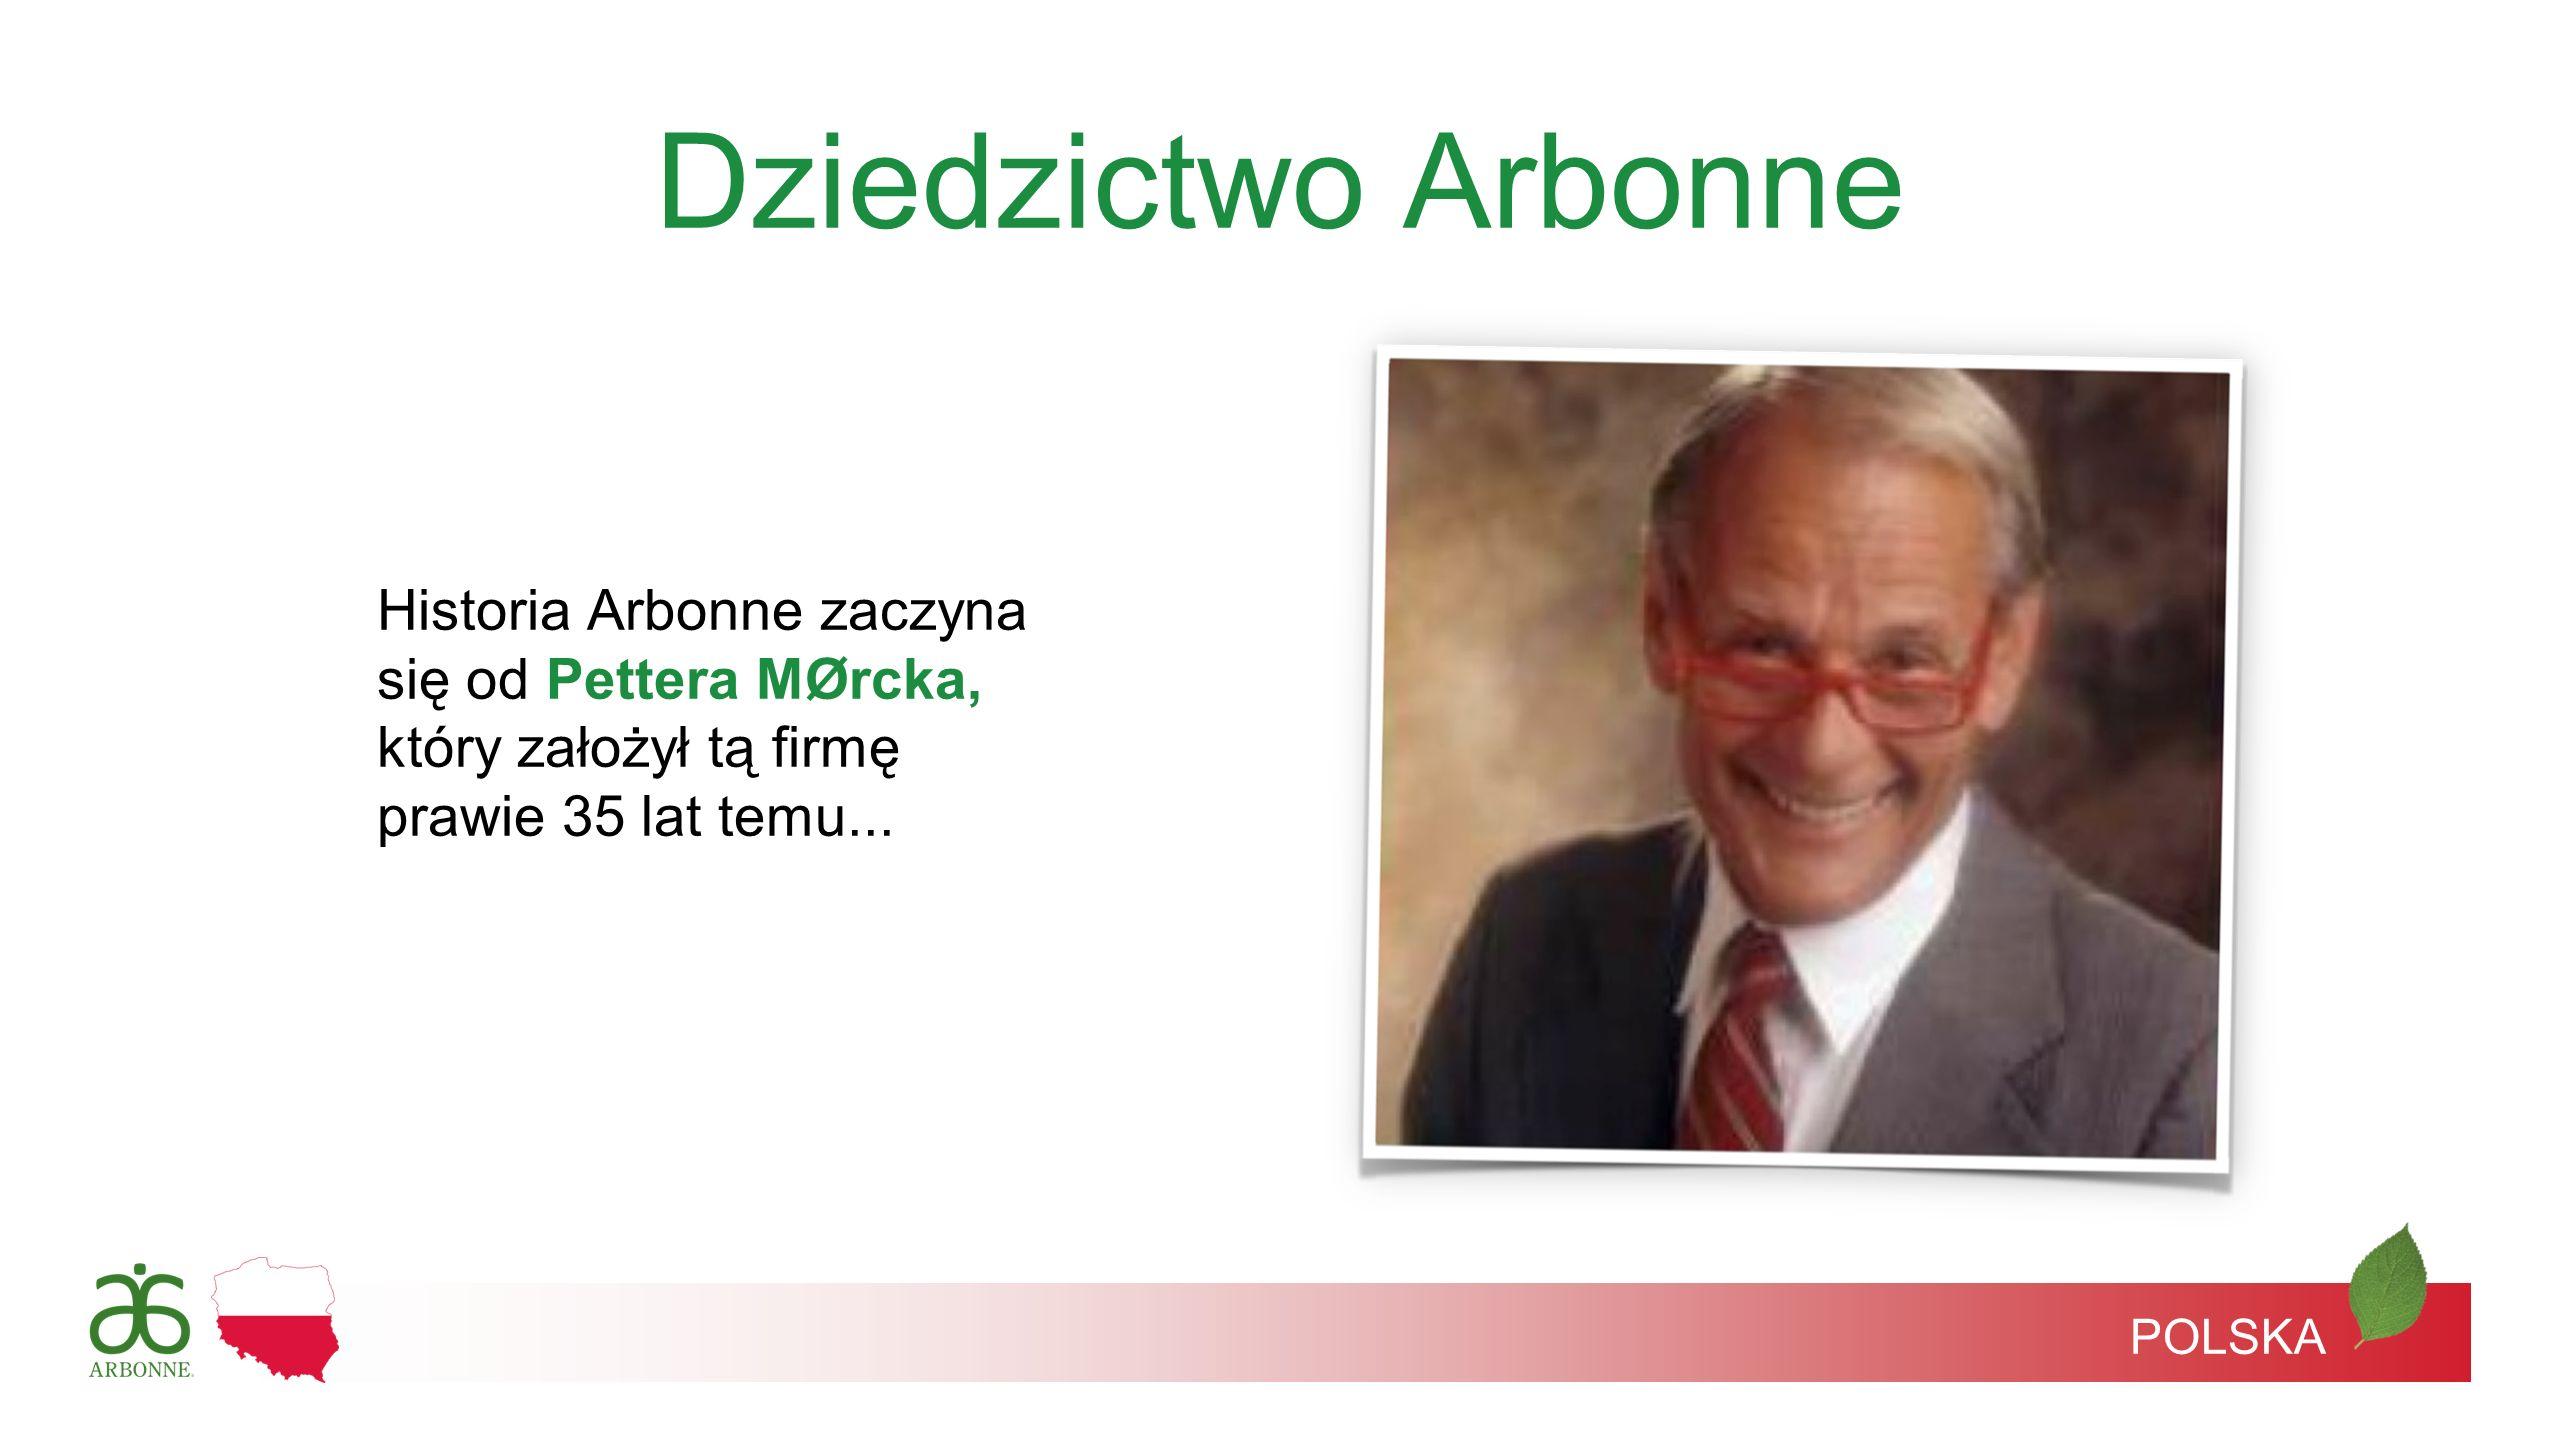 POLSKA Christopher B.